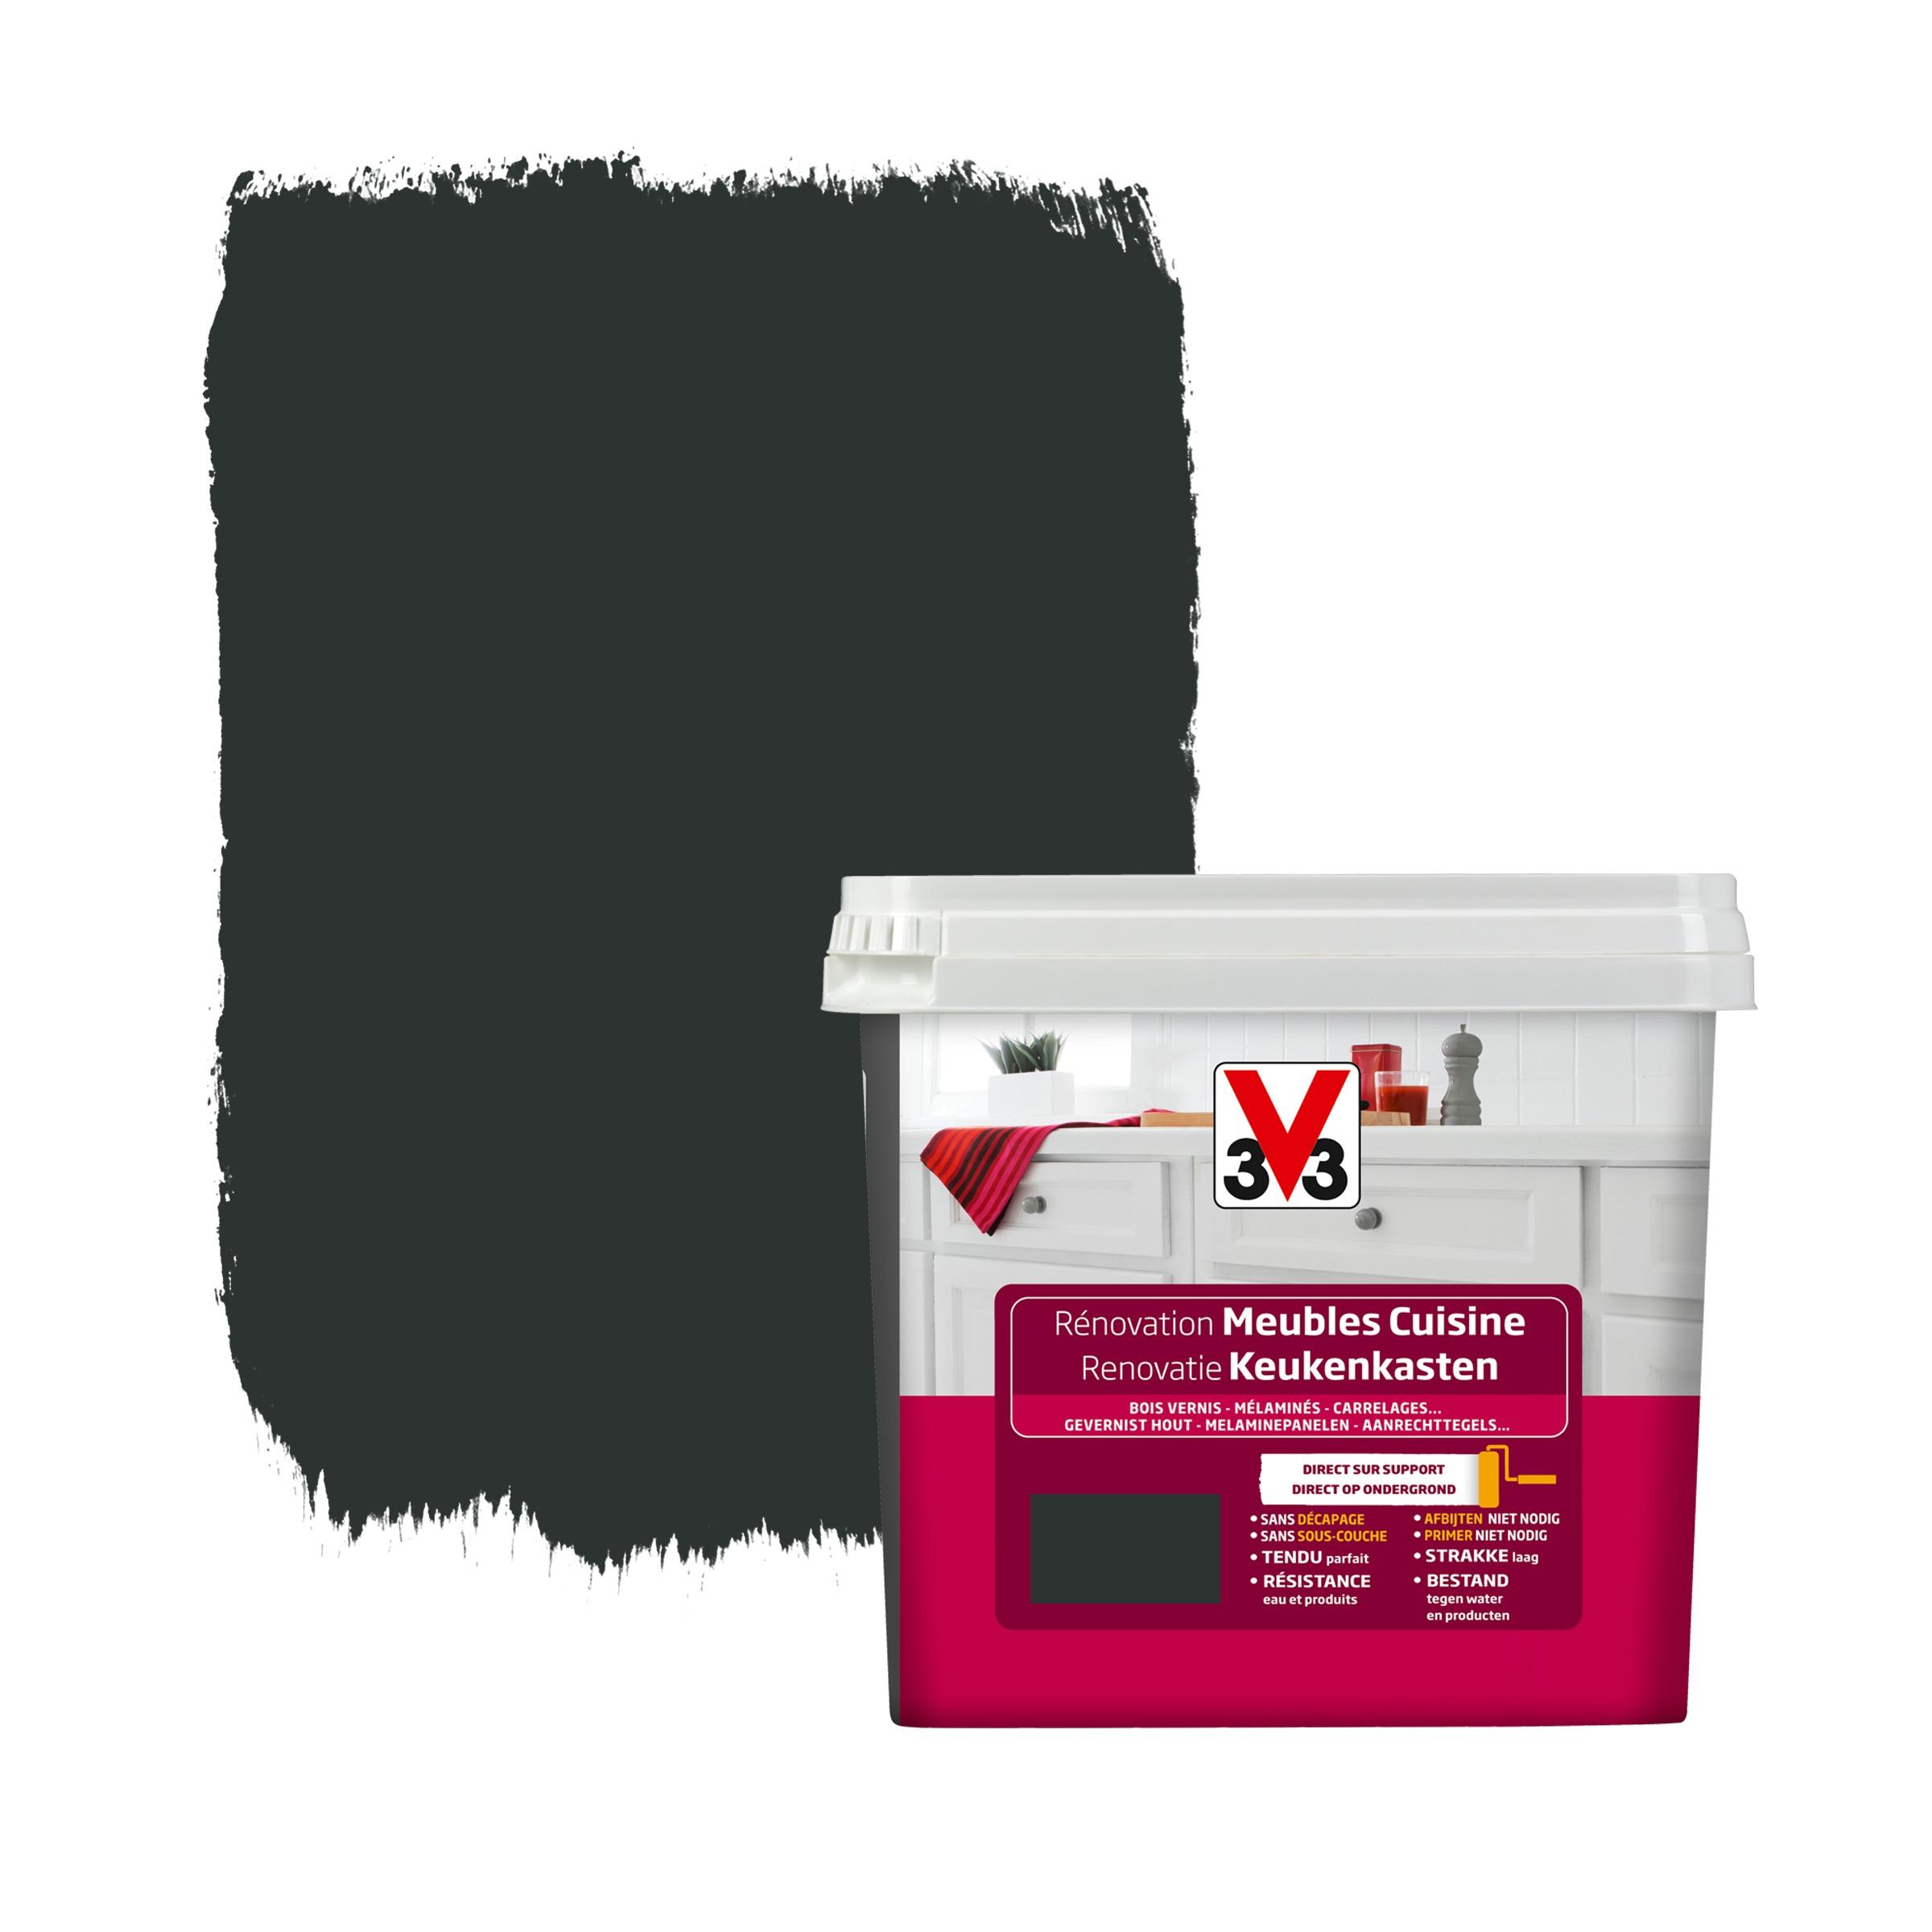 V33 renovatieverf keukenkasten zijdeglans zoethout 750 ml speciaalverf verf behang - Mengen tegelvloeren ...